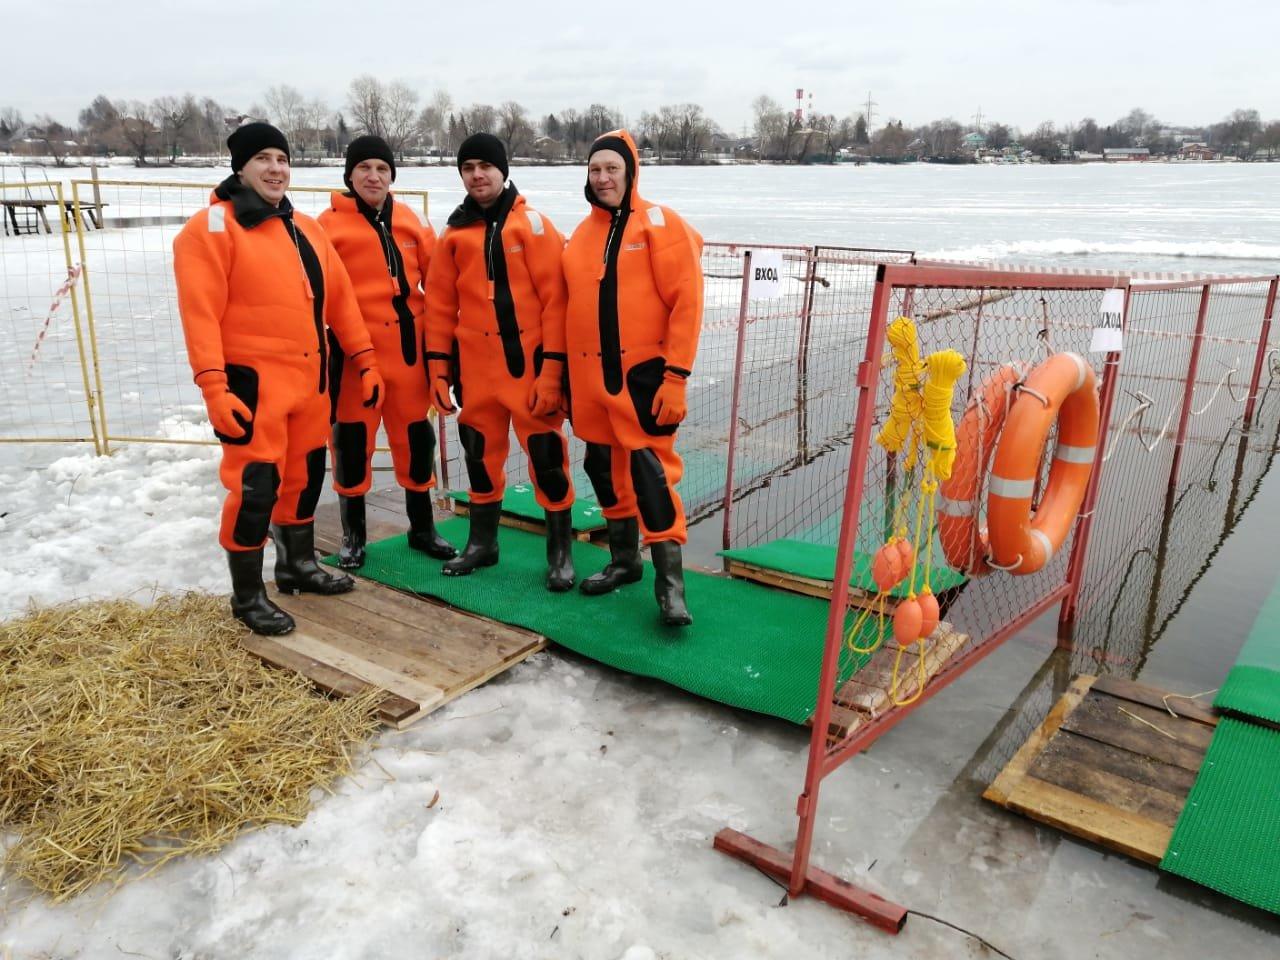 Спасатели Москвы провели подготовку к крещенским купаниям  ситуациям и пожарной безопасности города Москвы